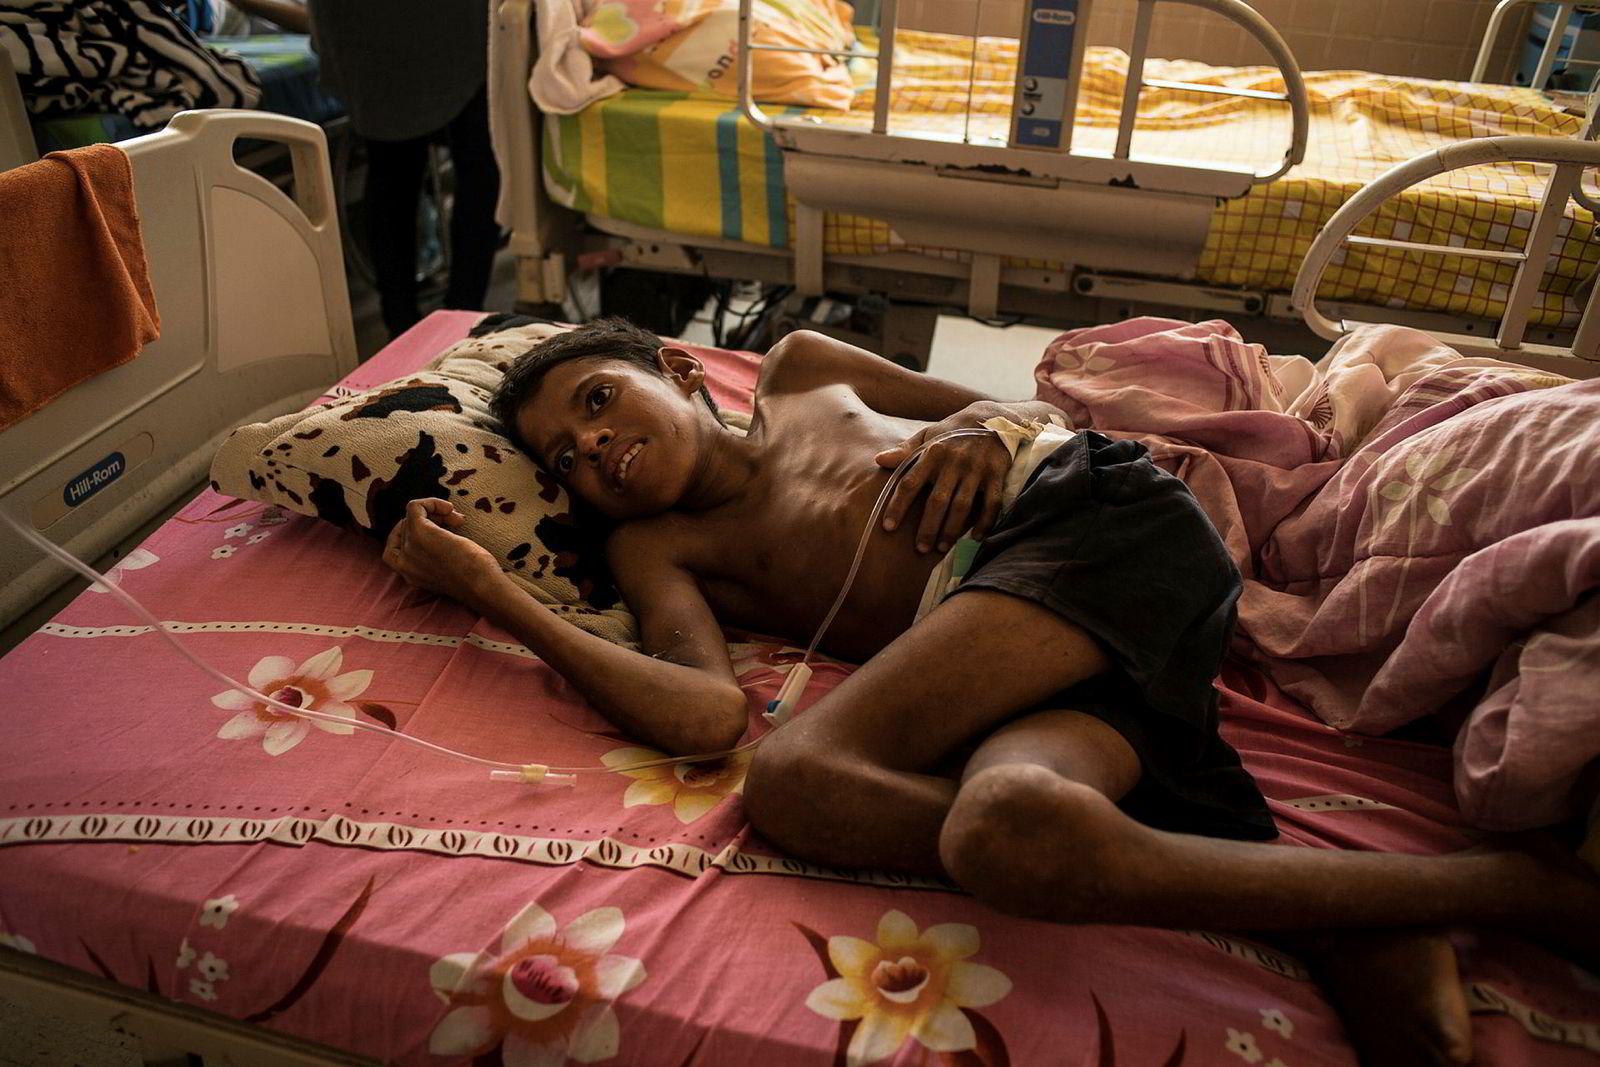 En kraftig underernært 12-årig gutt på Ruiz y Paez-sykehuset i Ciudad Bolívar. Heller ikke på sykehuset finnes det mat. Pasientene får to skjeer ris per dag. Resten av maten må de skaffe selv.